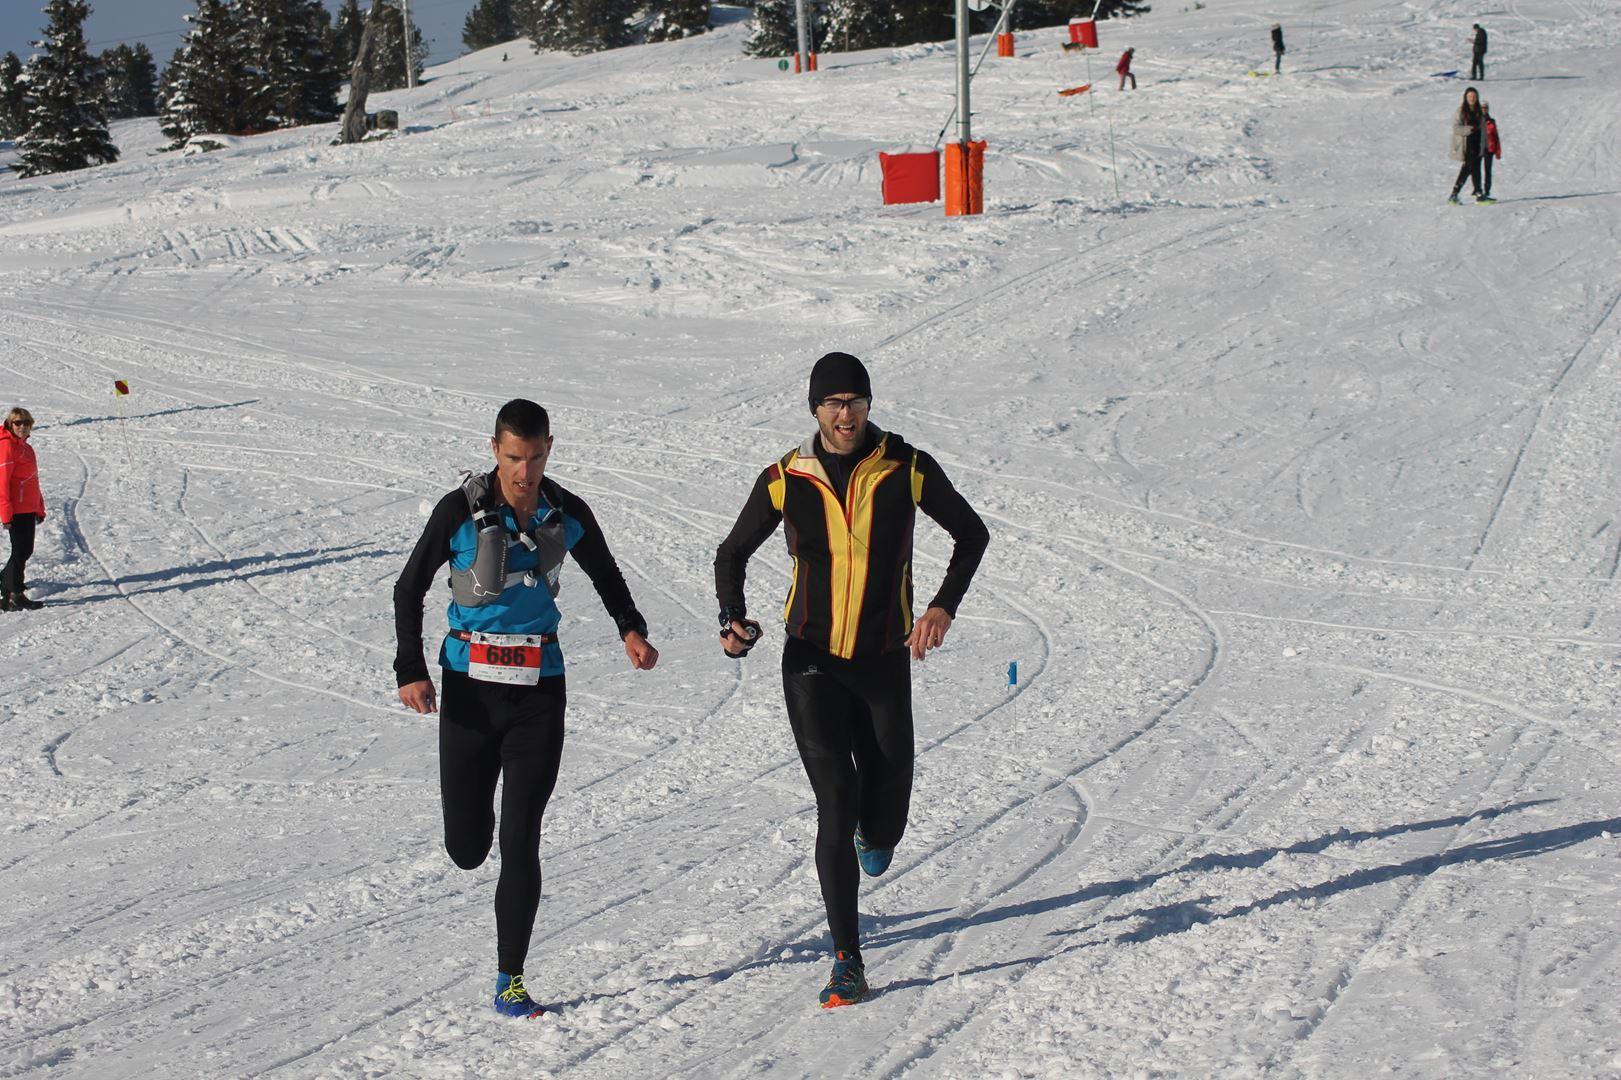 Julien Goyer à droite 3° du 16km - WITT: RESULTATS, PHOTOS ET COMPTE RENDU DU TRAIL BLANC DE CHAMROUSSE 01-04-2018